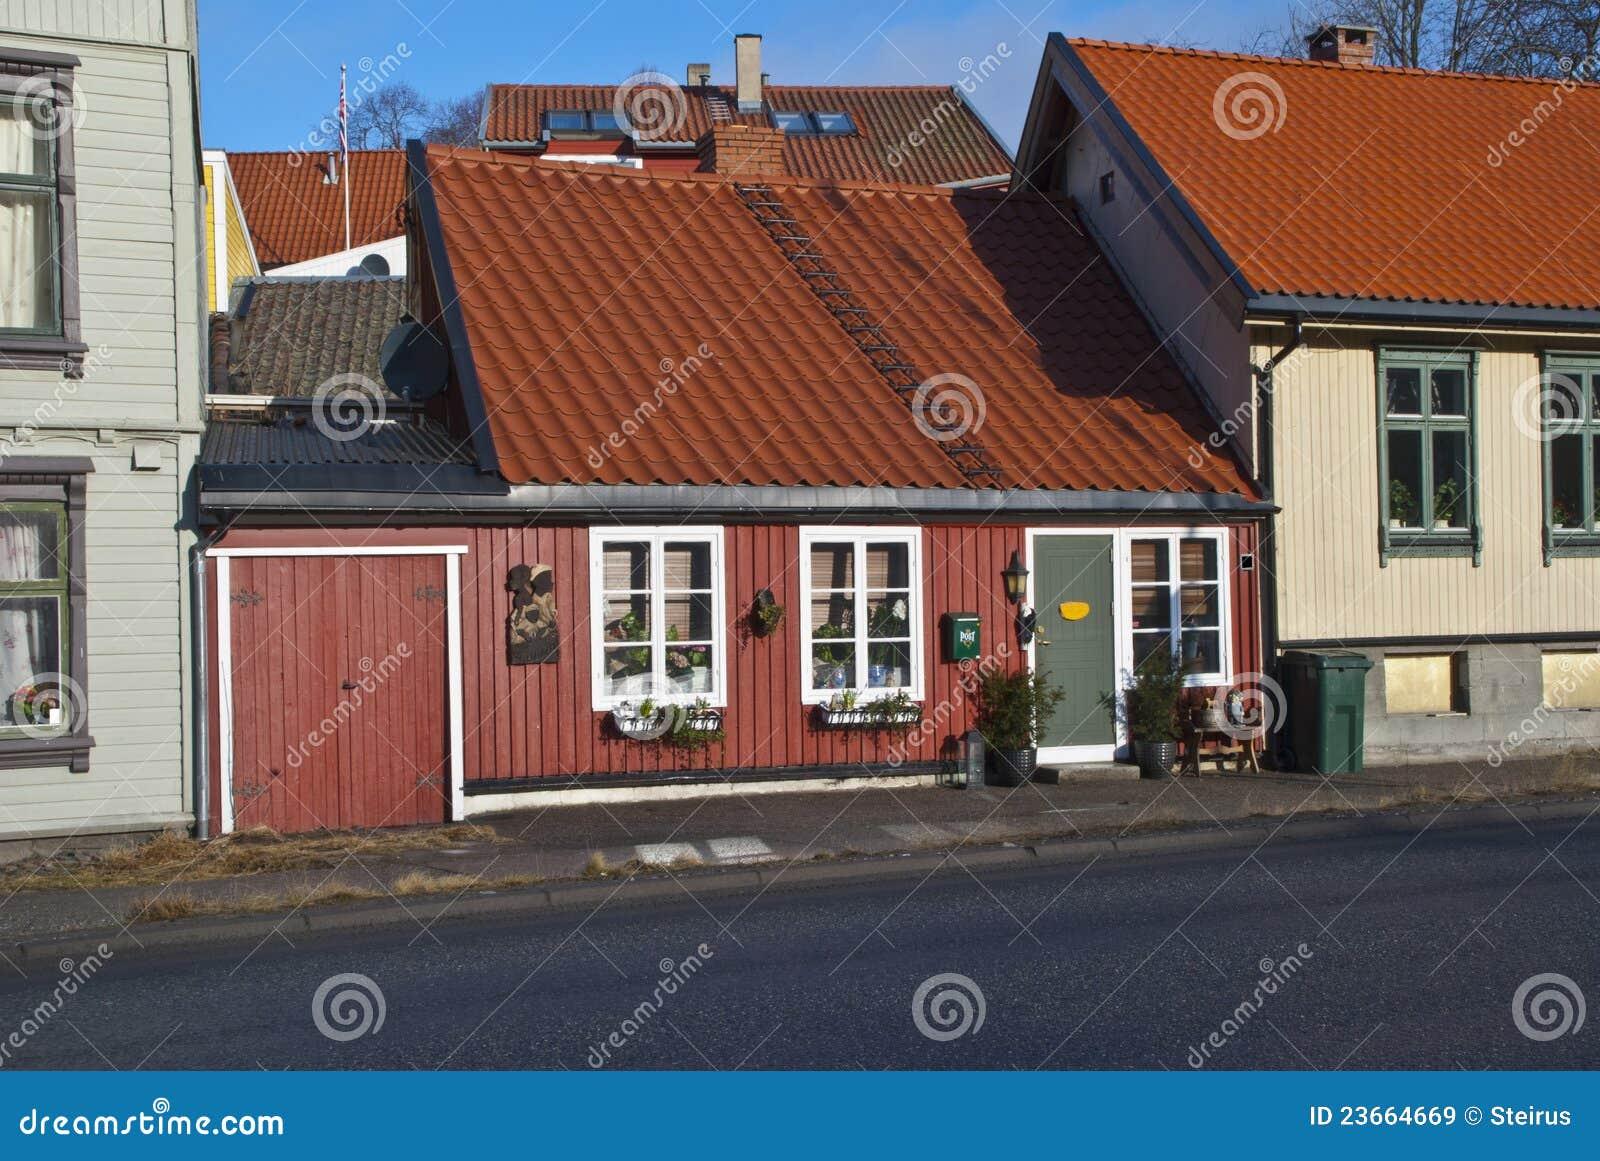 Peque as casas de madera viejas y acogedoras en halden for Casas de madera pequenas